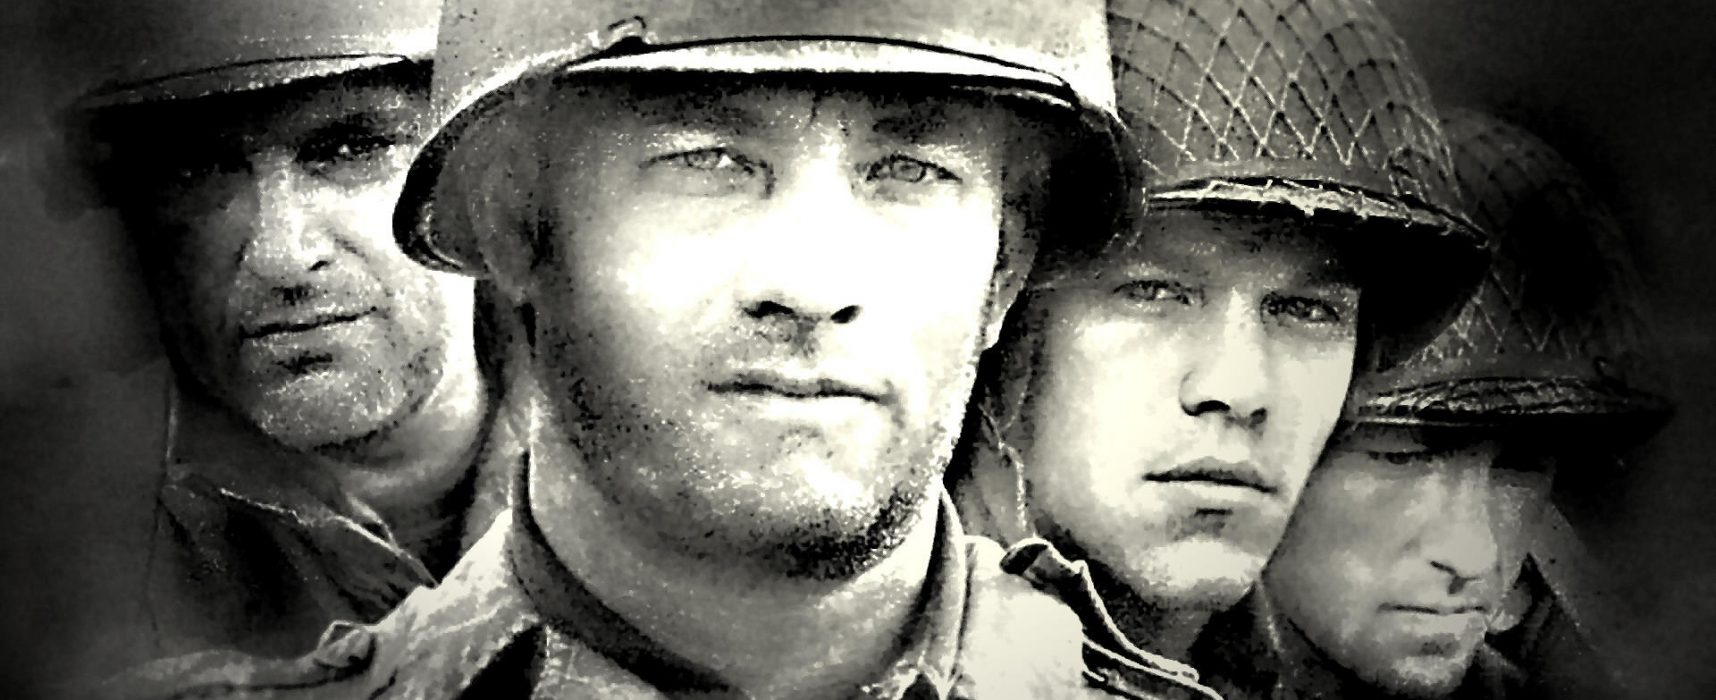 Спасти солдата Маркива